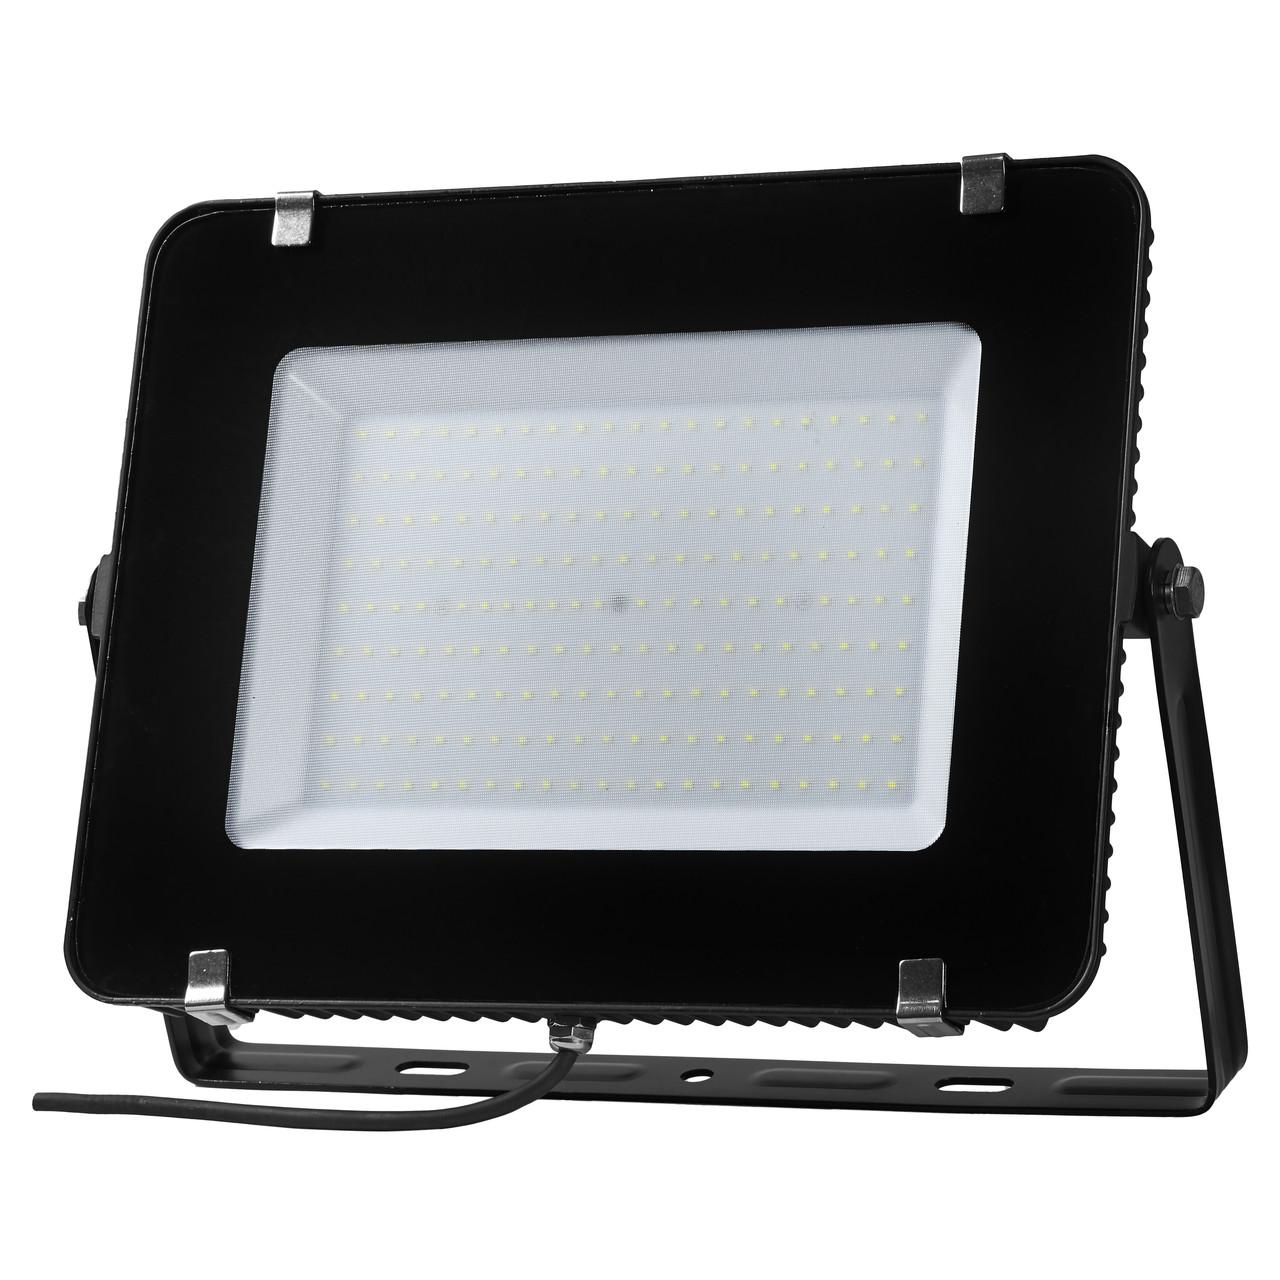 Прожектор світлодіодний DELUX FMI 10 LED 200Вт 6500K